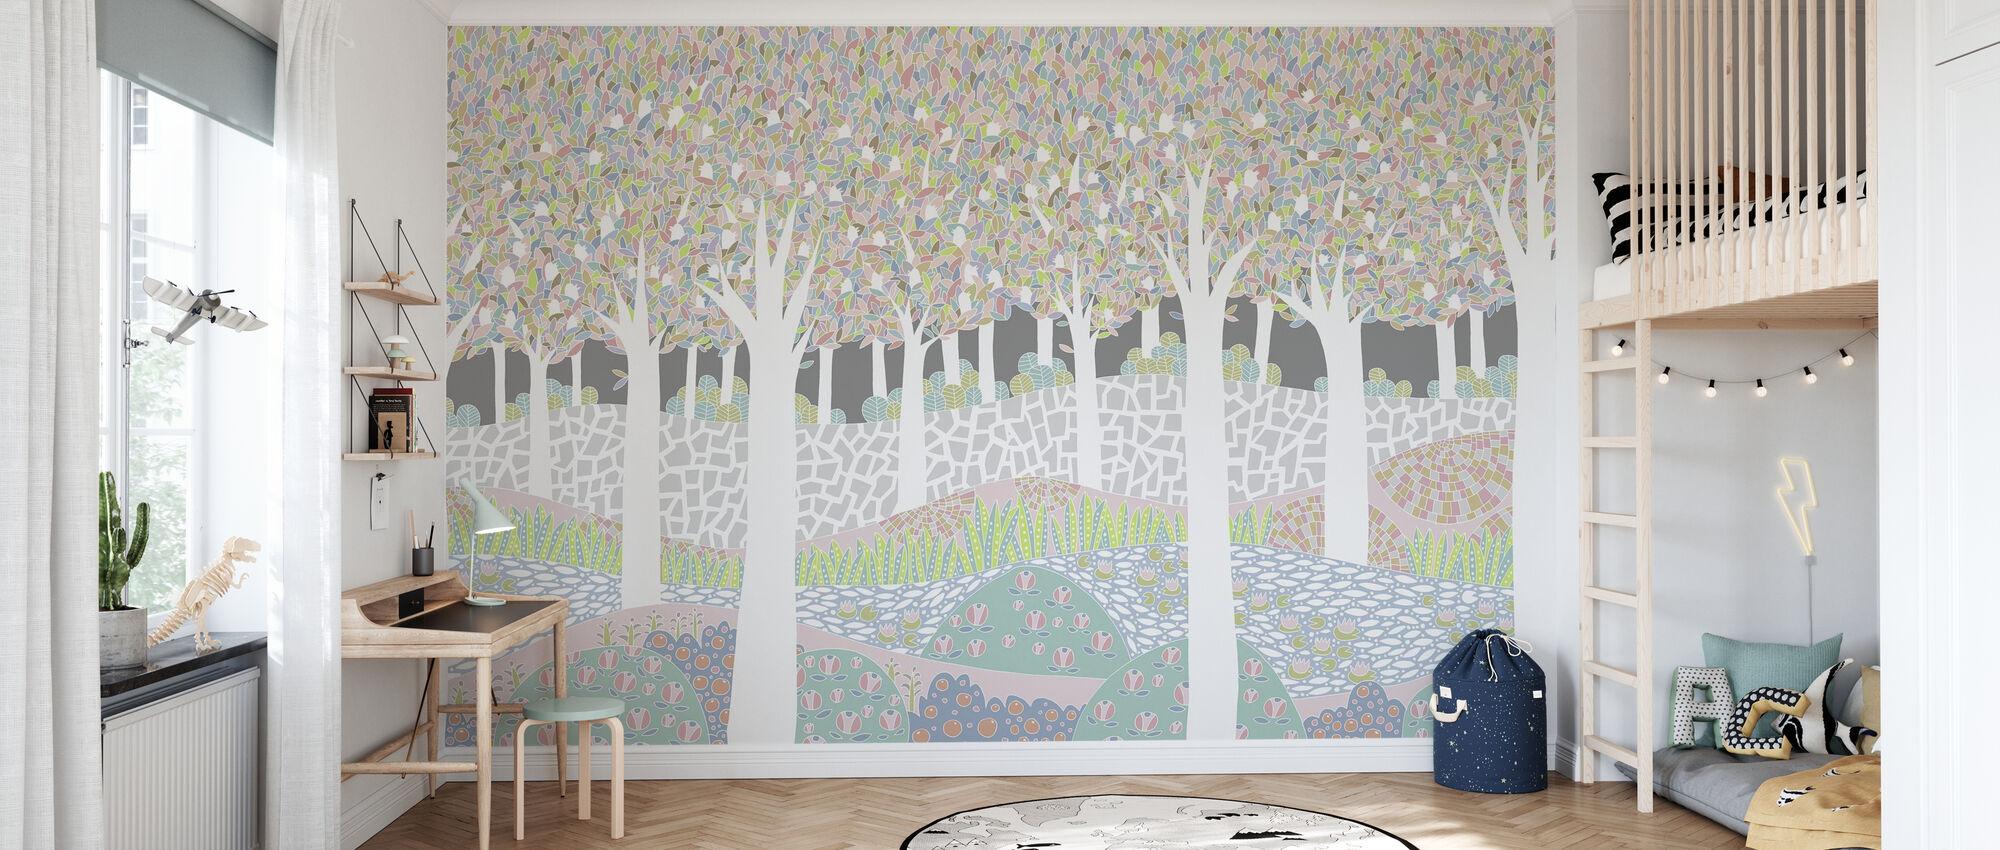 Bird Forest XL - Wallpaper - Kids Room